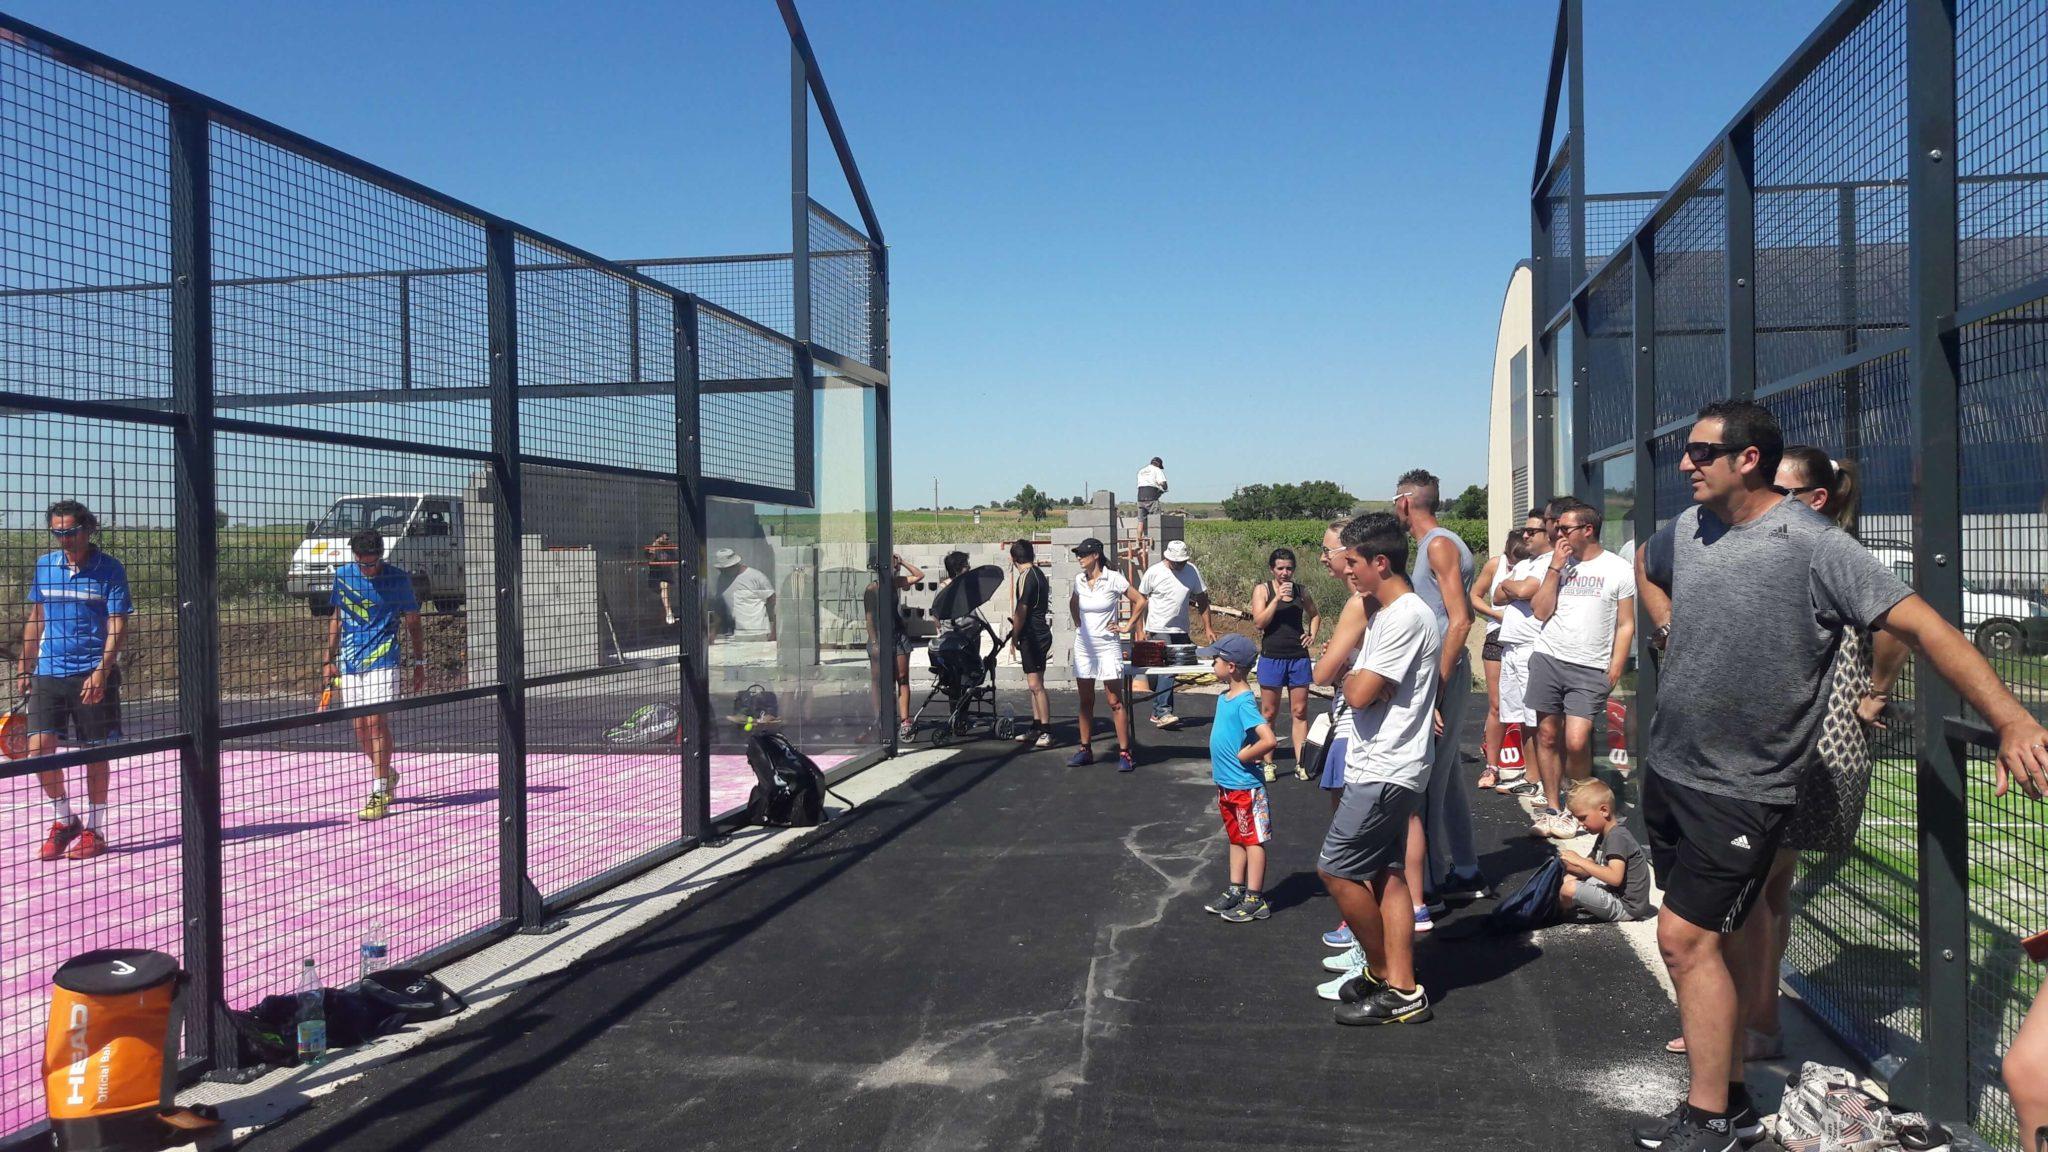 Le Tennis Club de la Vière : «Un vrai club de padel»